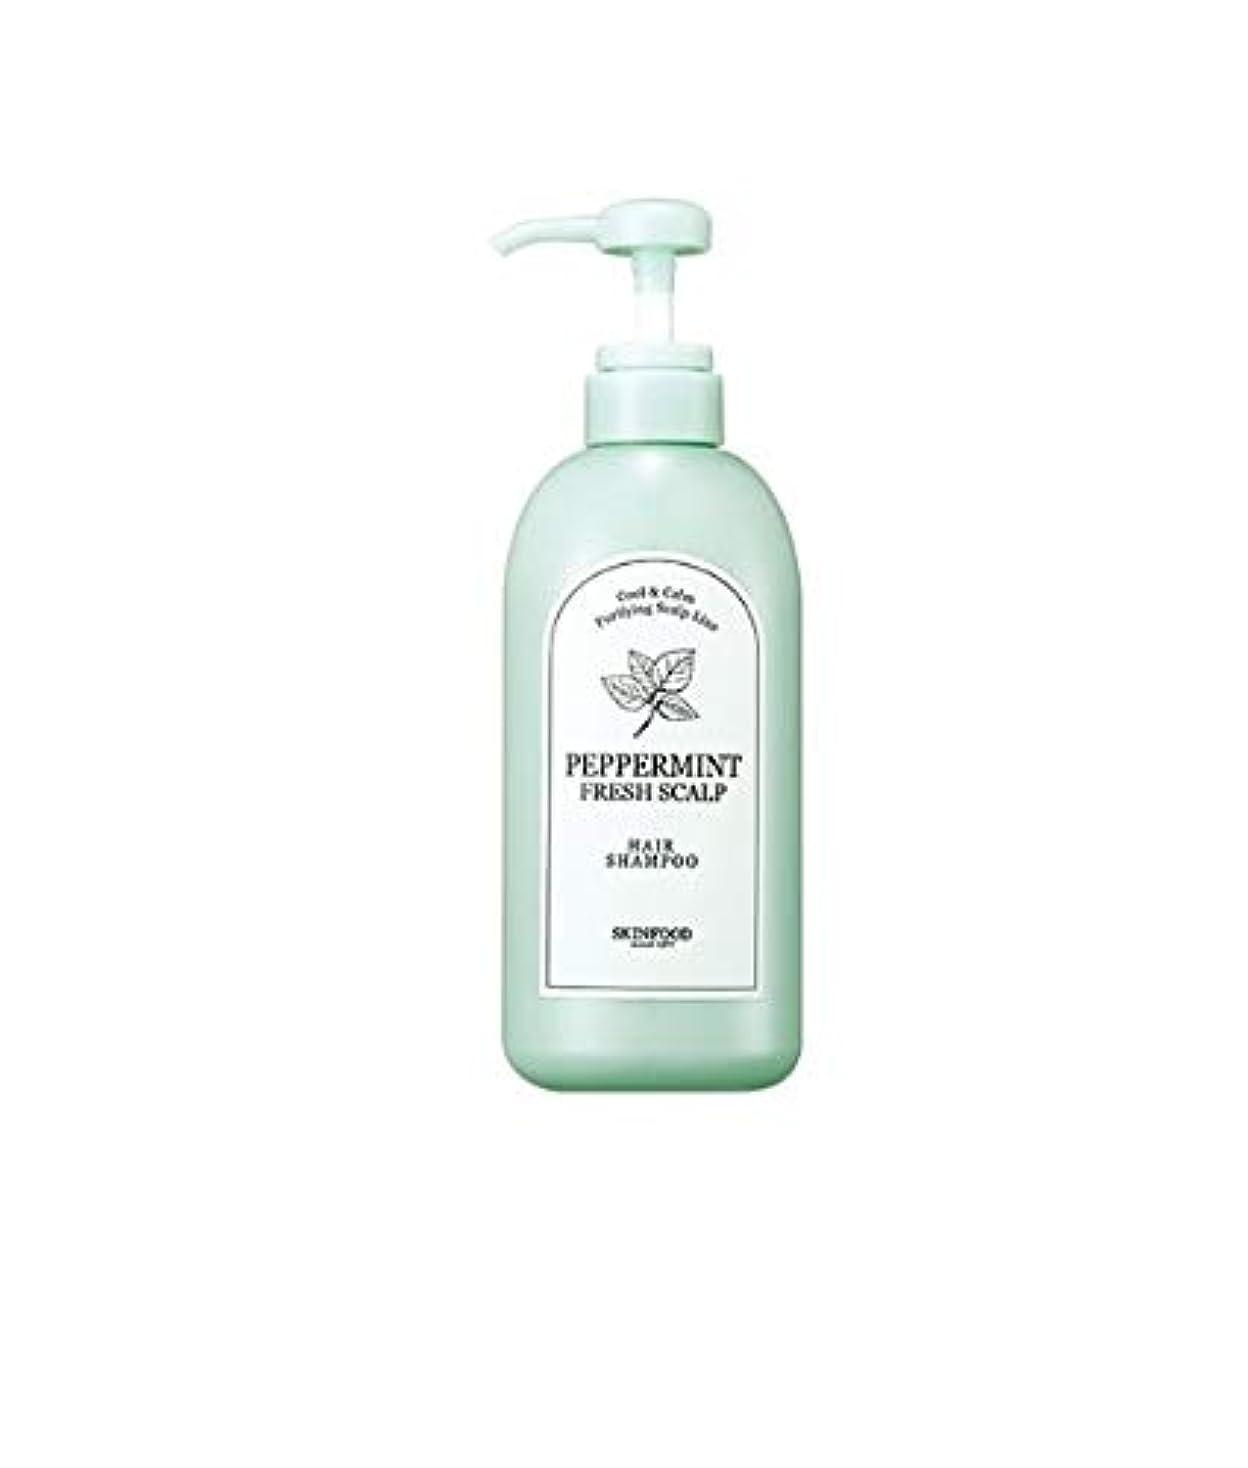 にはまって大砲緊張するSkinfood ペパーミントフレッシュスカルプシャンプー/Peppermint Fresh Scalp Shampoo 500ml [並行輸入品]